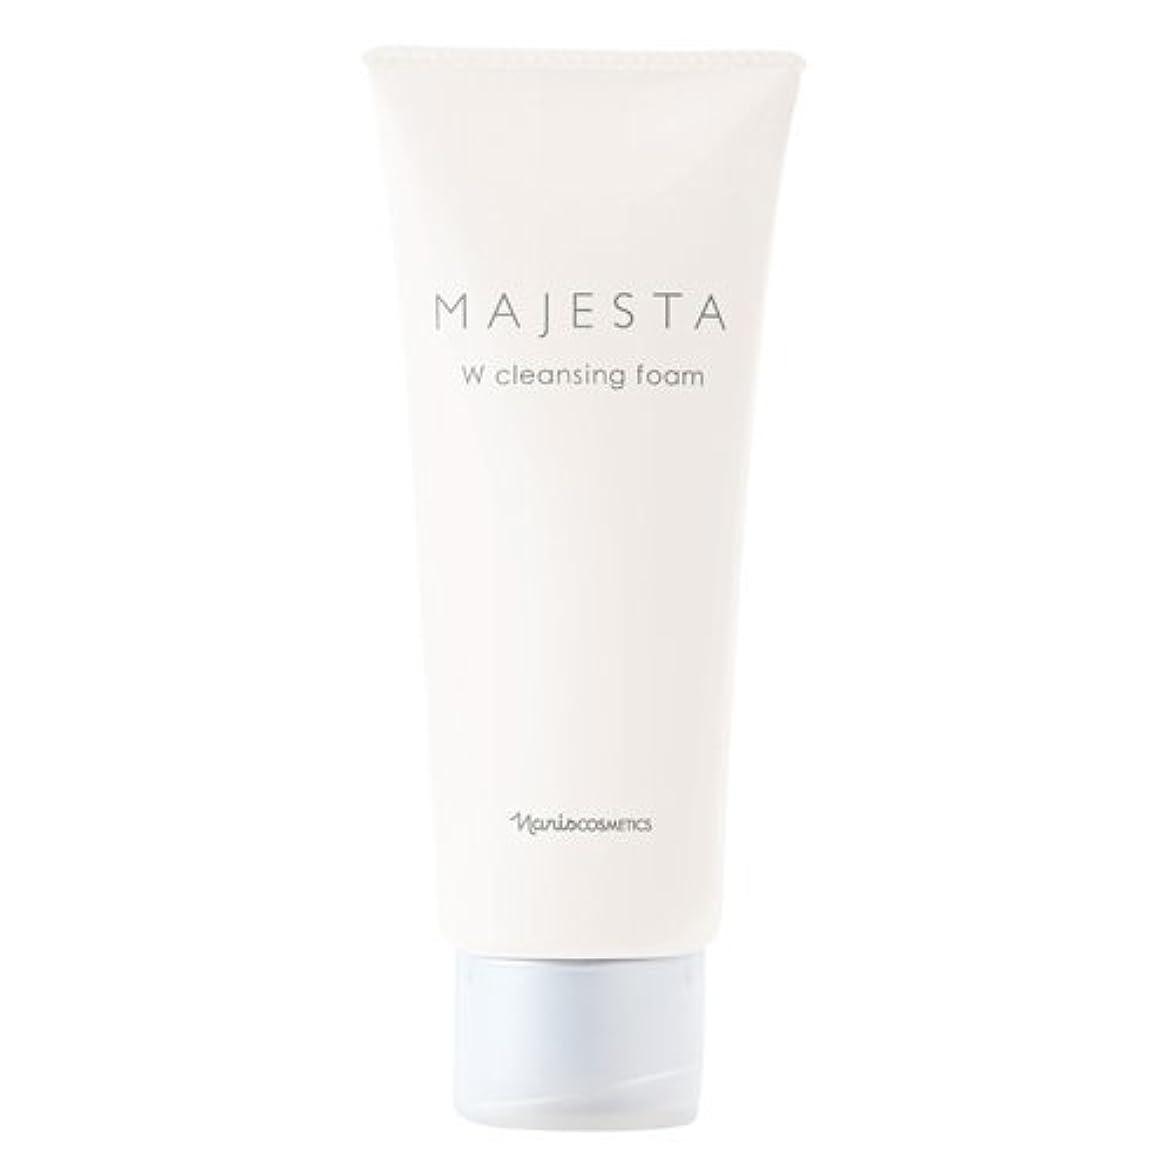 代表して魅惑するどう?ナリス化粧品 マジェスタ Wクレンジング フォーム(クレンジング?洗顔料) 100g